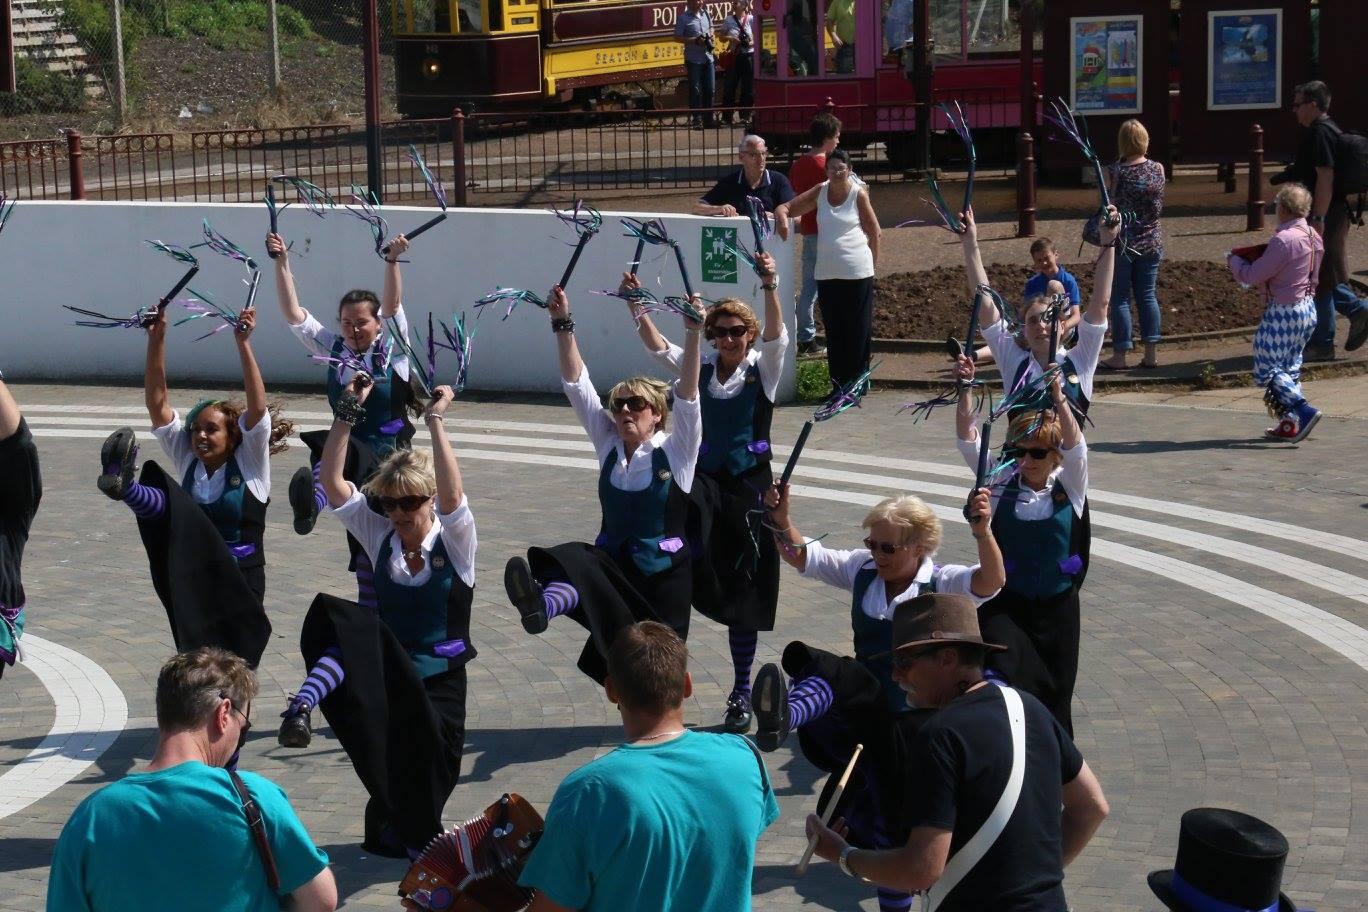 Customs and Exiles dancing at Seaton tram stop